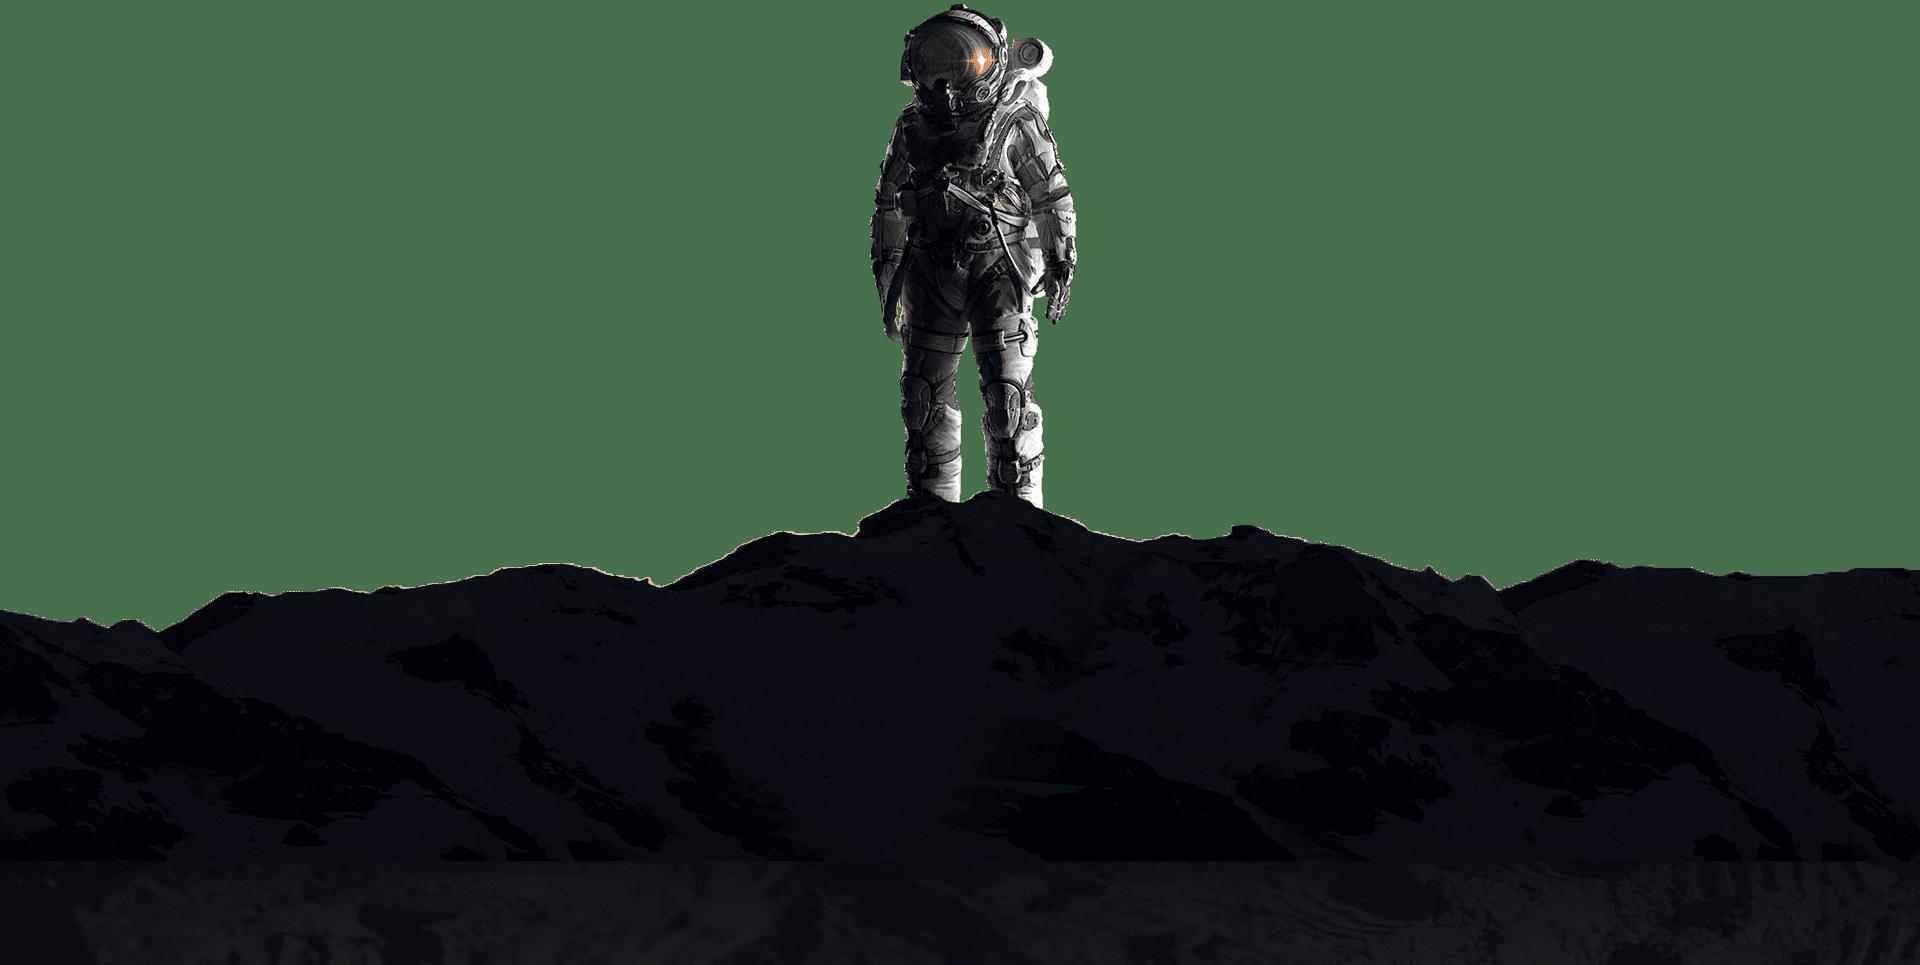 izertiano en el espacio